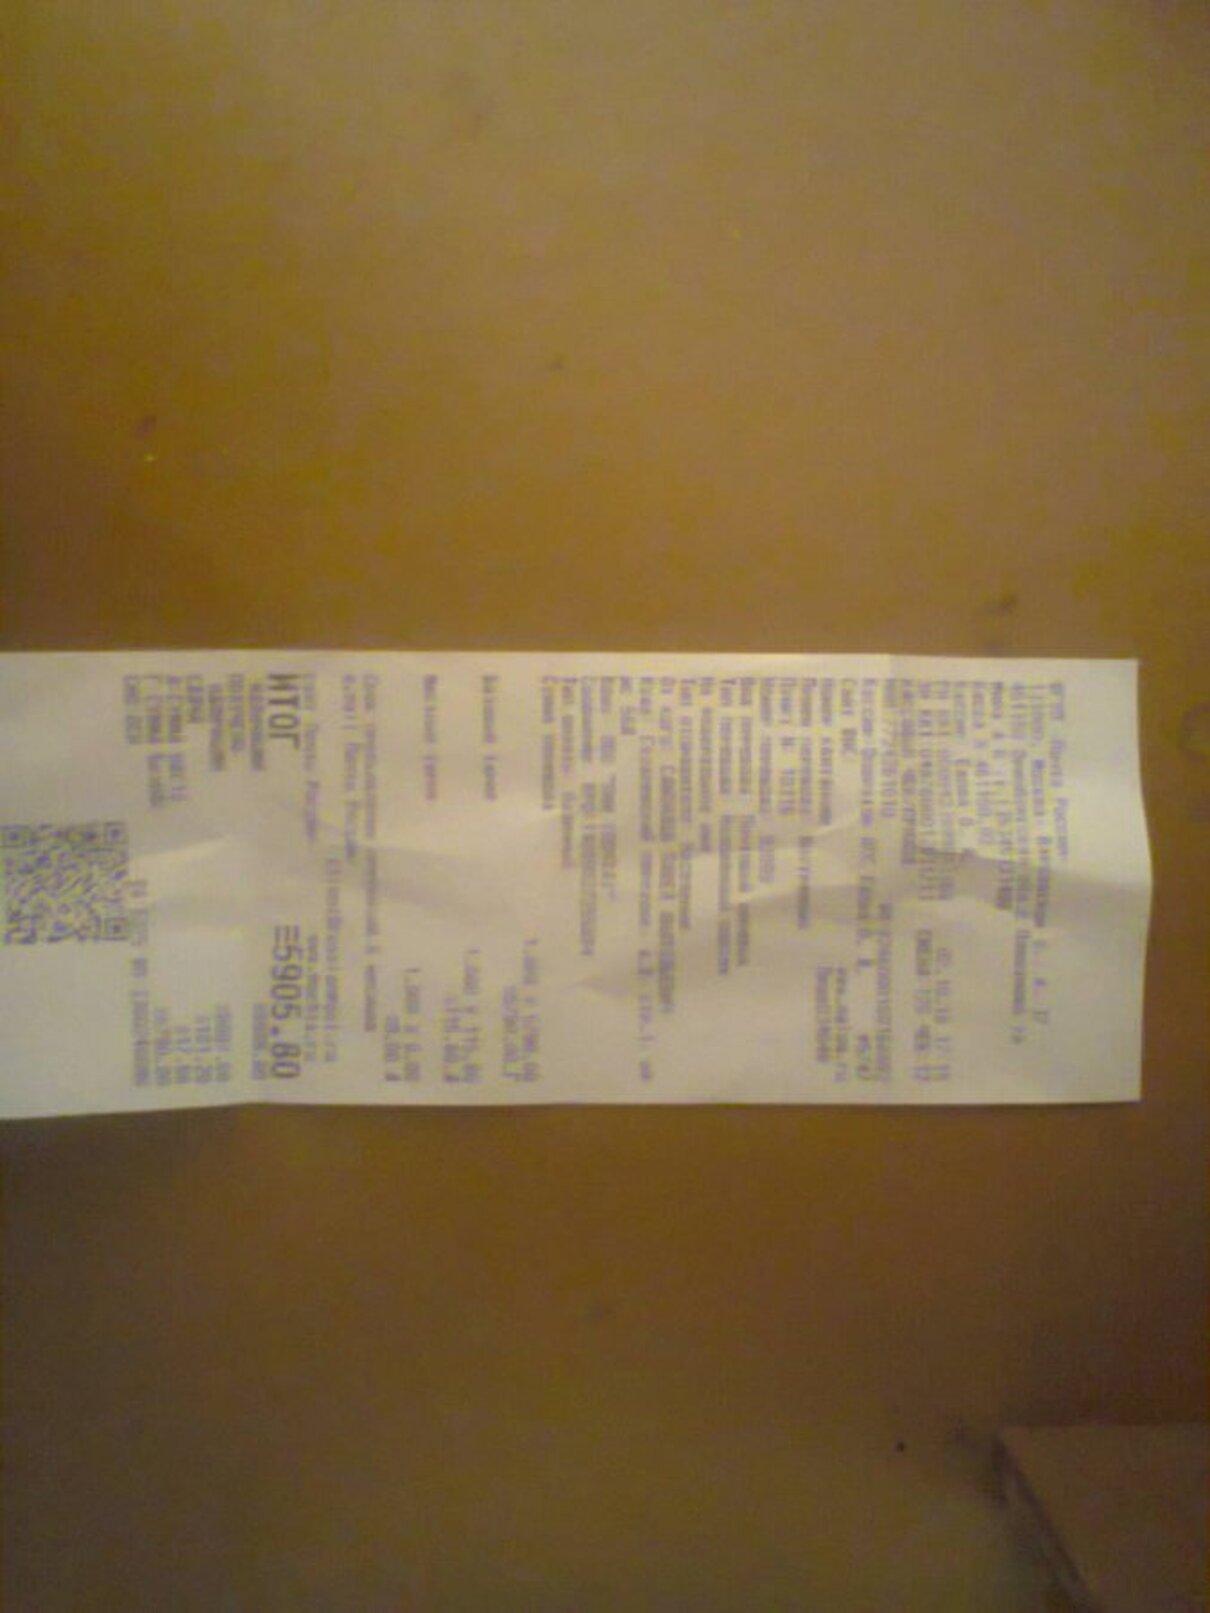 Жалоба-отзыв: Интернет-магазин Хугаев М.В - Получен не тот товар который был заказан.  Фото №4